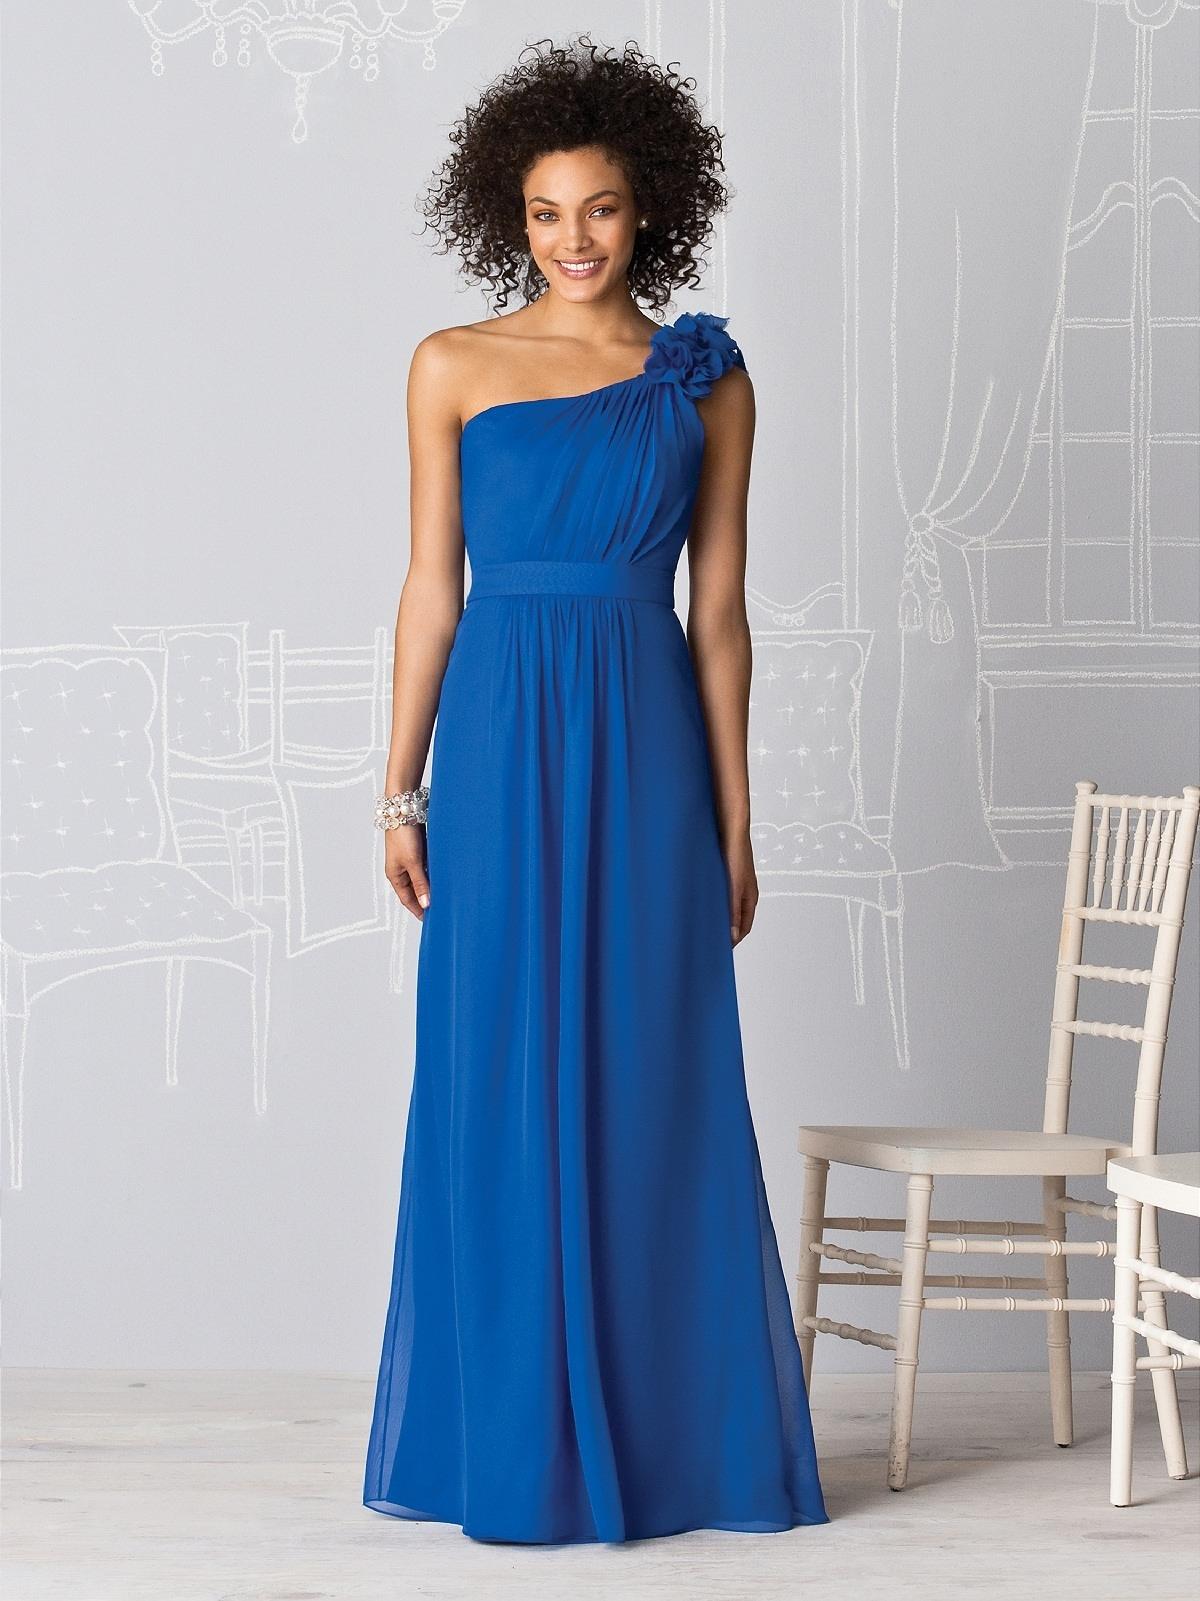 17 Leicht Günstige Abendkleider Lang Galerie10 Cool Günstige Abendkleider Lang Spezialgebiet